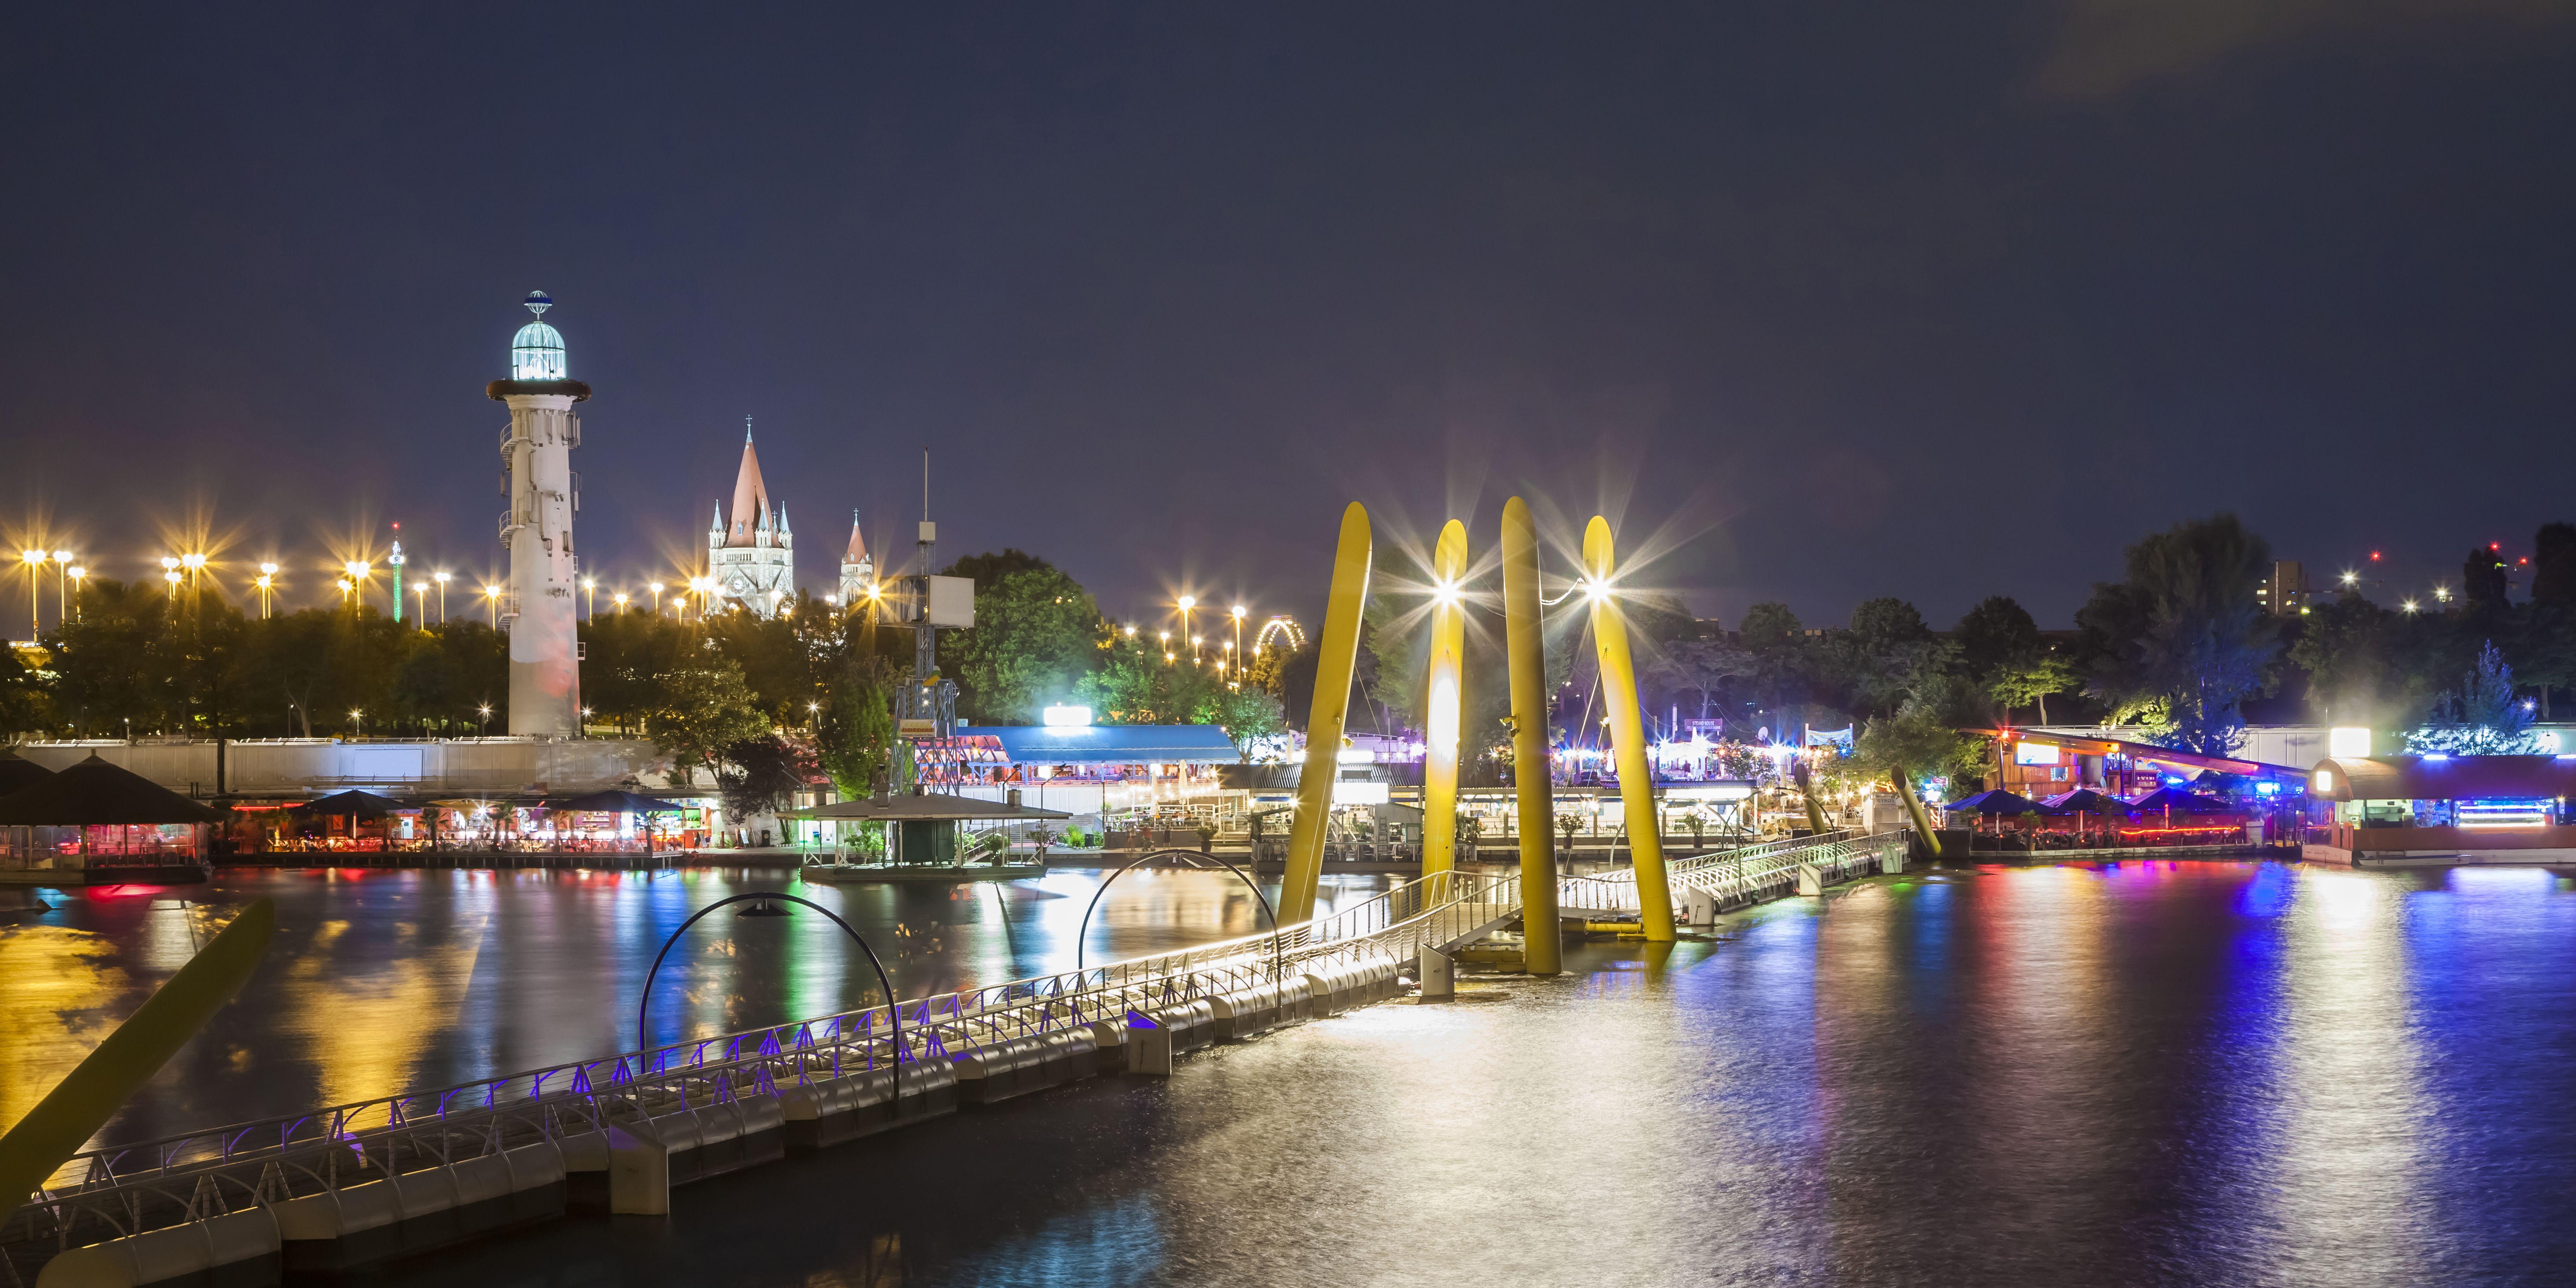 Viena: el río Danubio y la ciudad hundida de noche